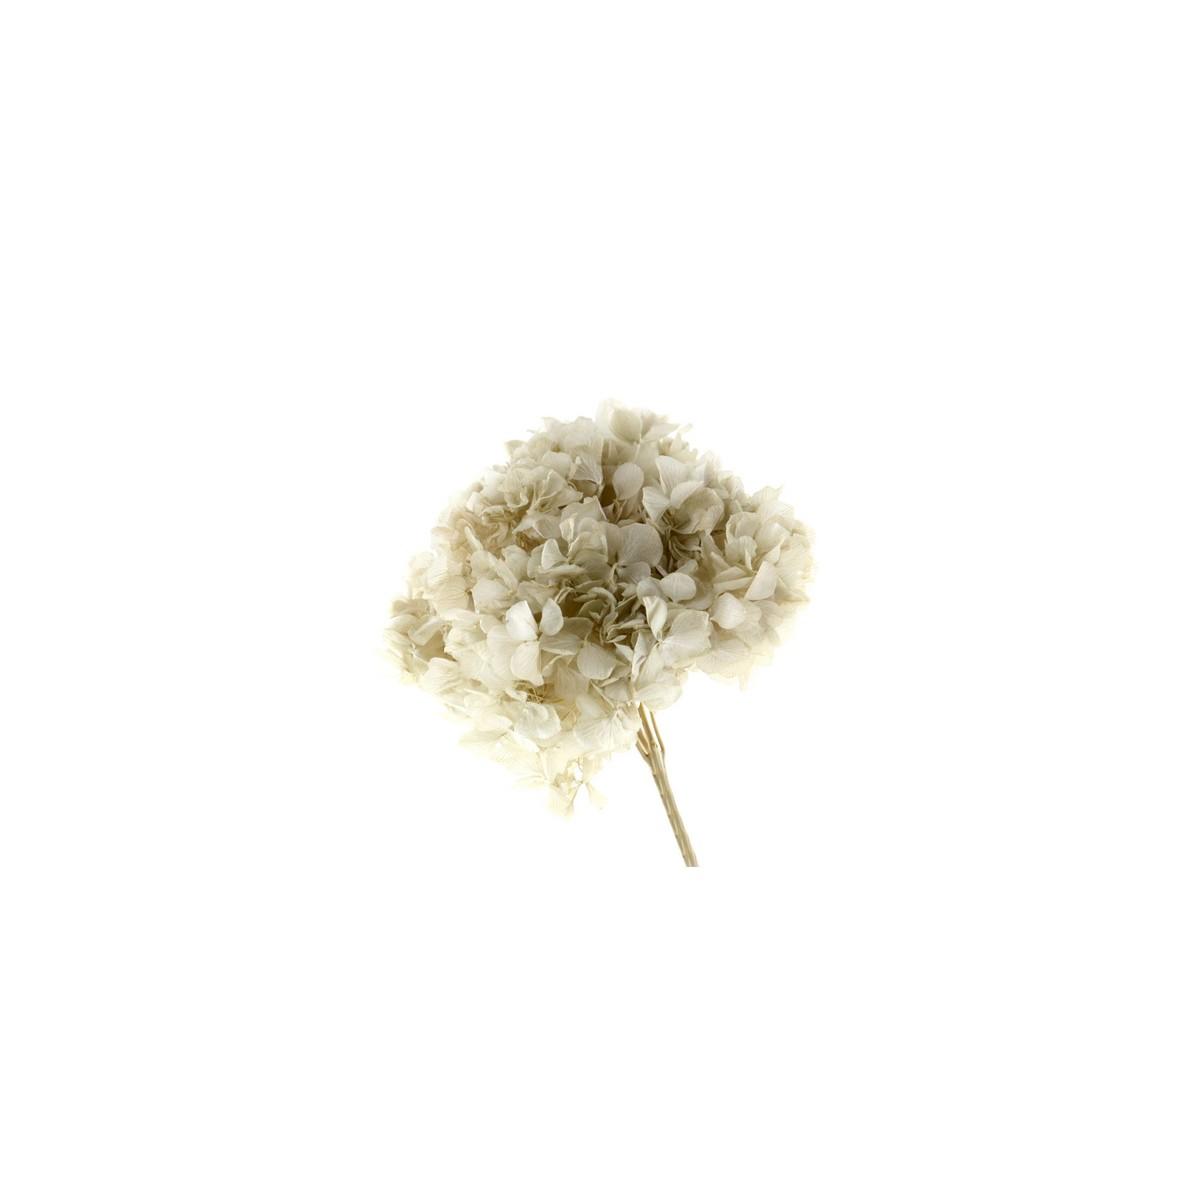 Fiori Di Ortensia Secchi mazzo ortensie essiccate — fiori secchi | ambroso